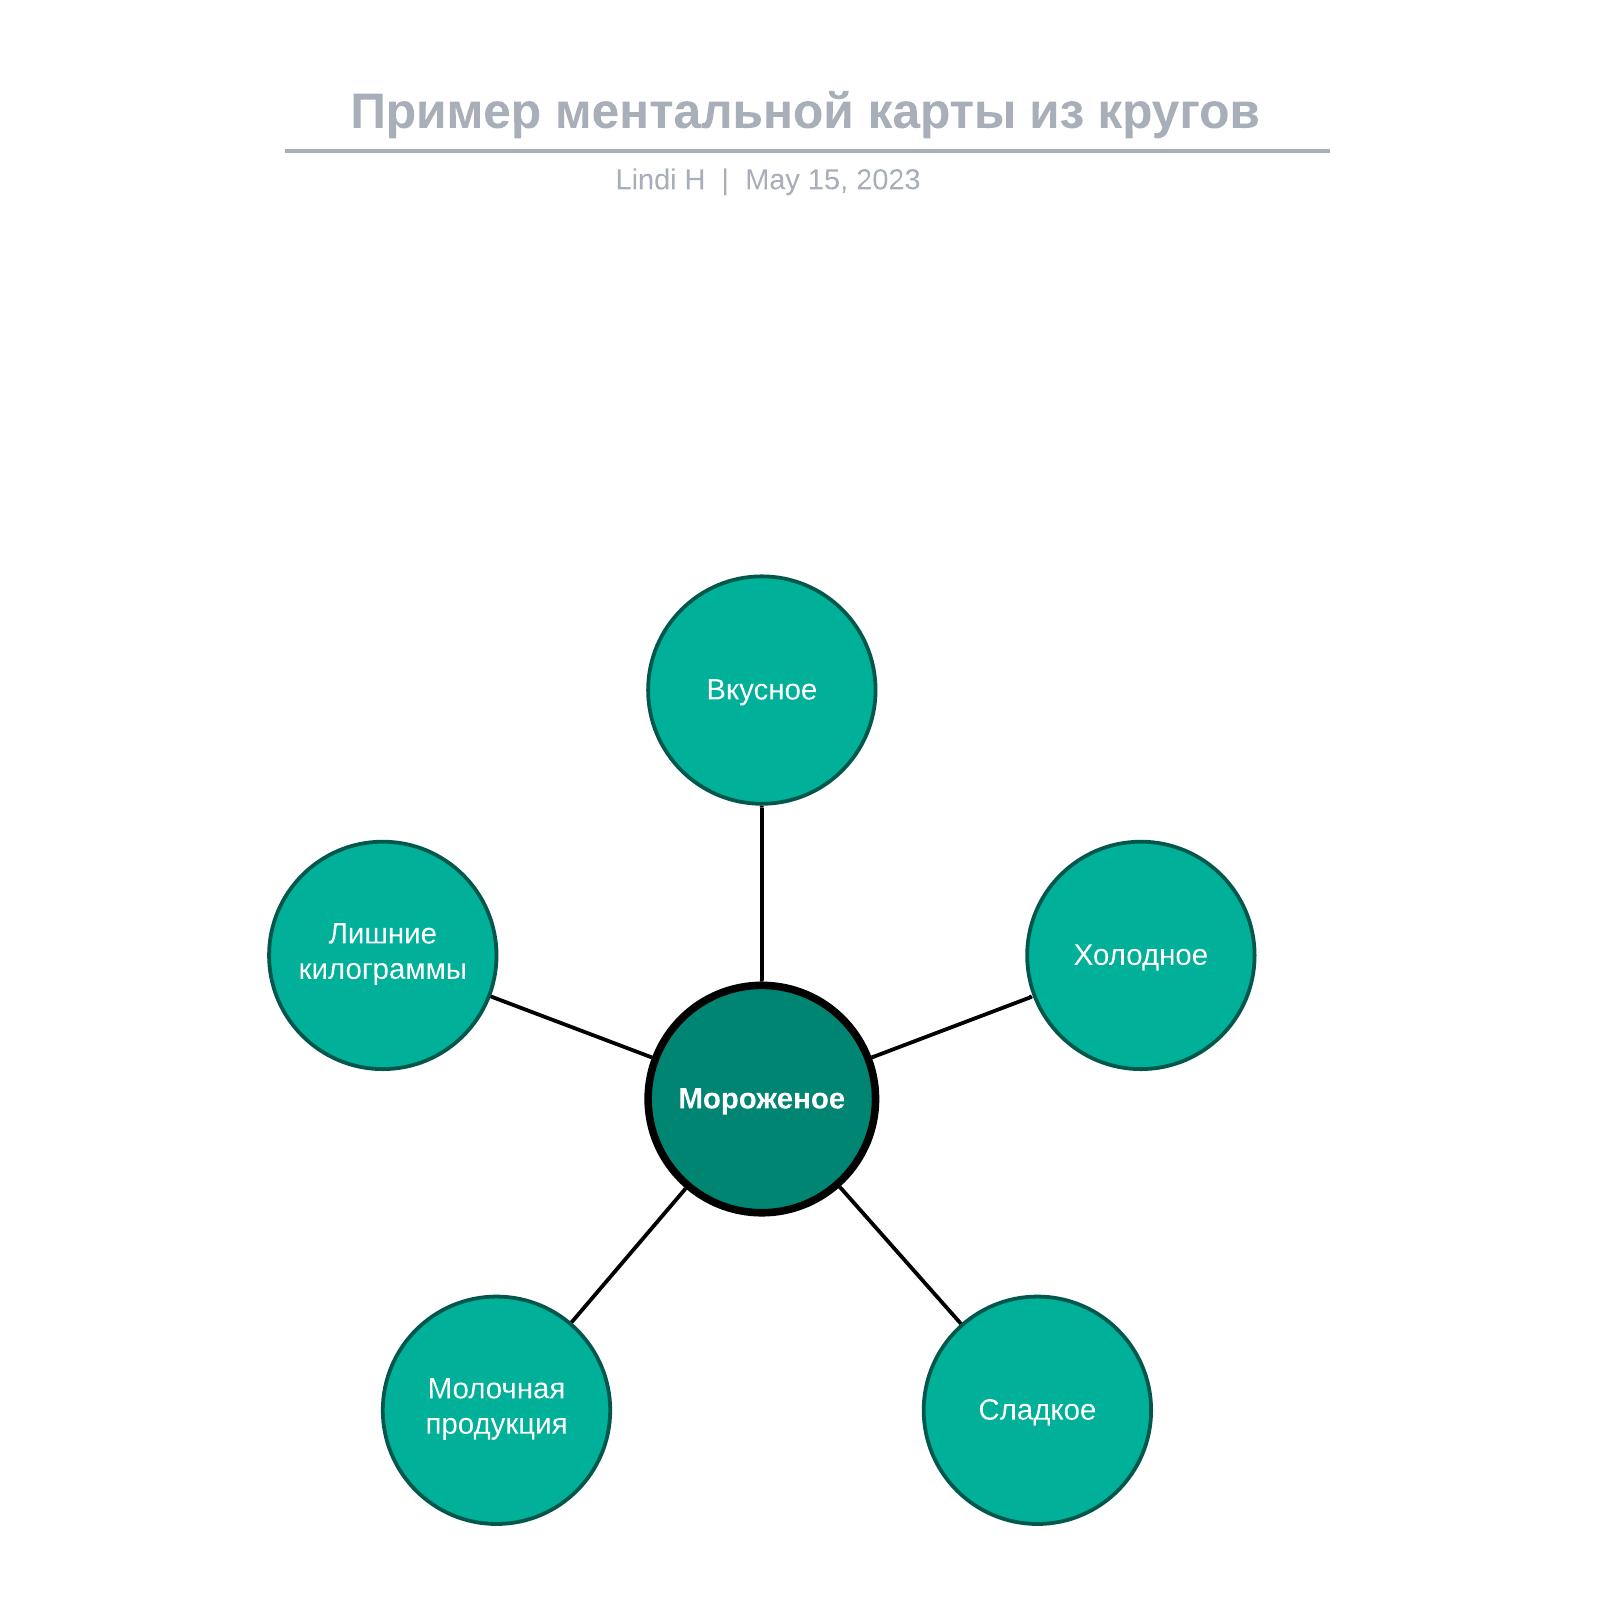 Пример ментальной карты из кругов